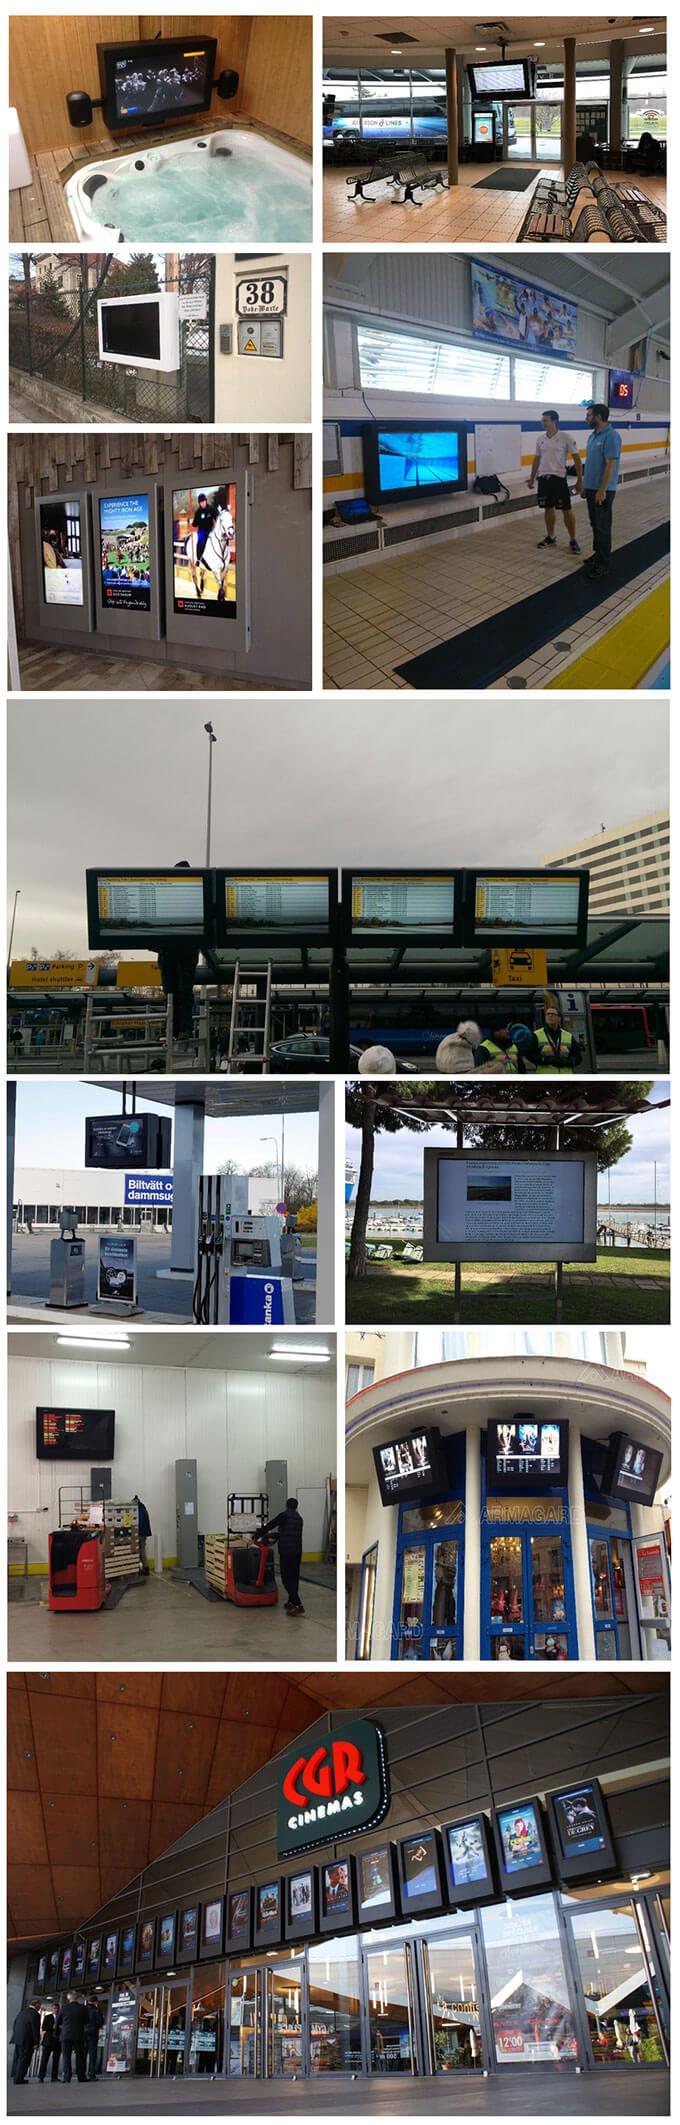 'Dostosowana obudowa LCD do stacji benzynowej.'